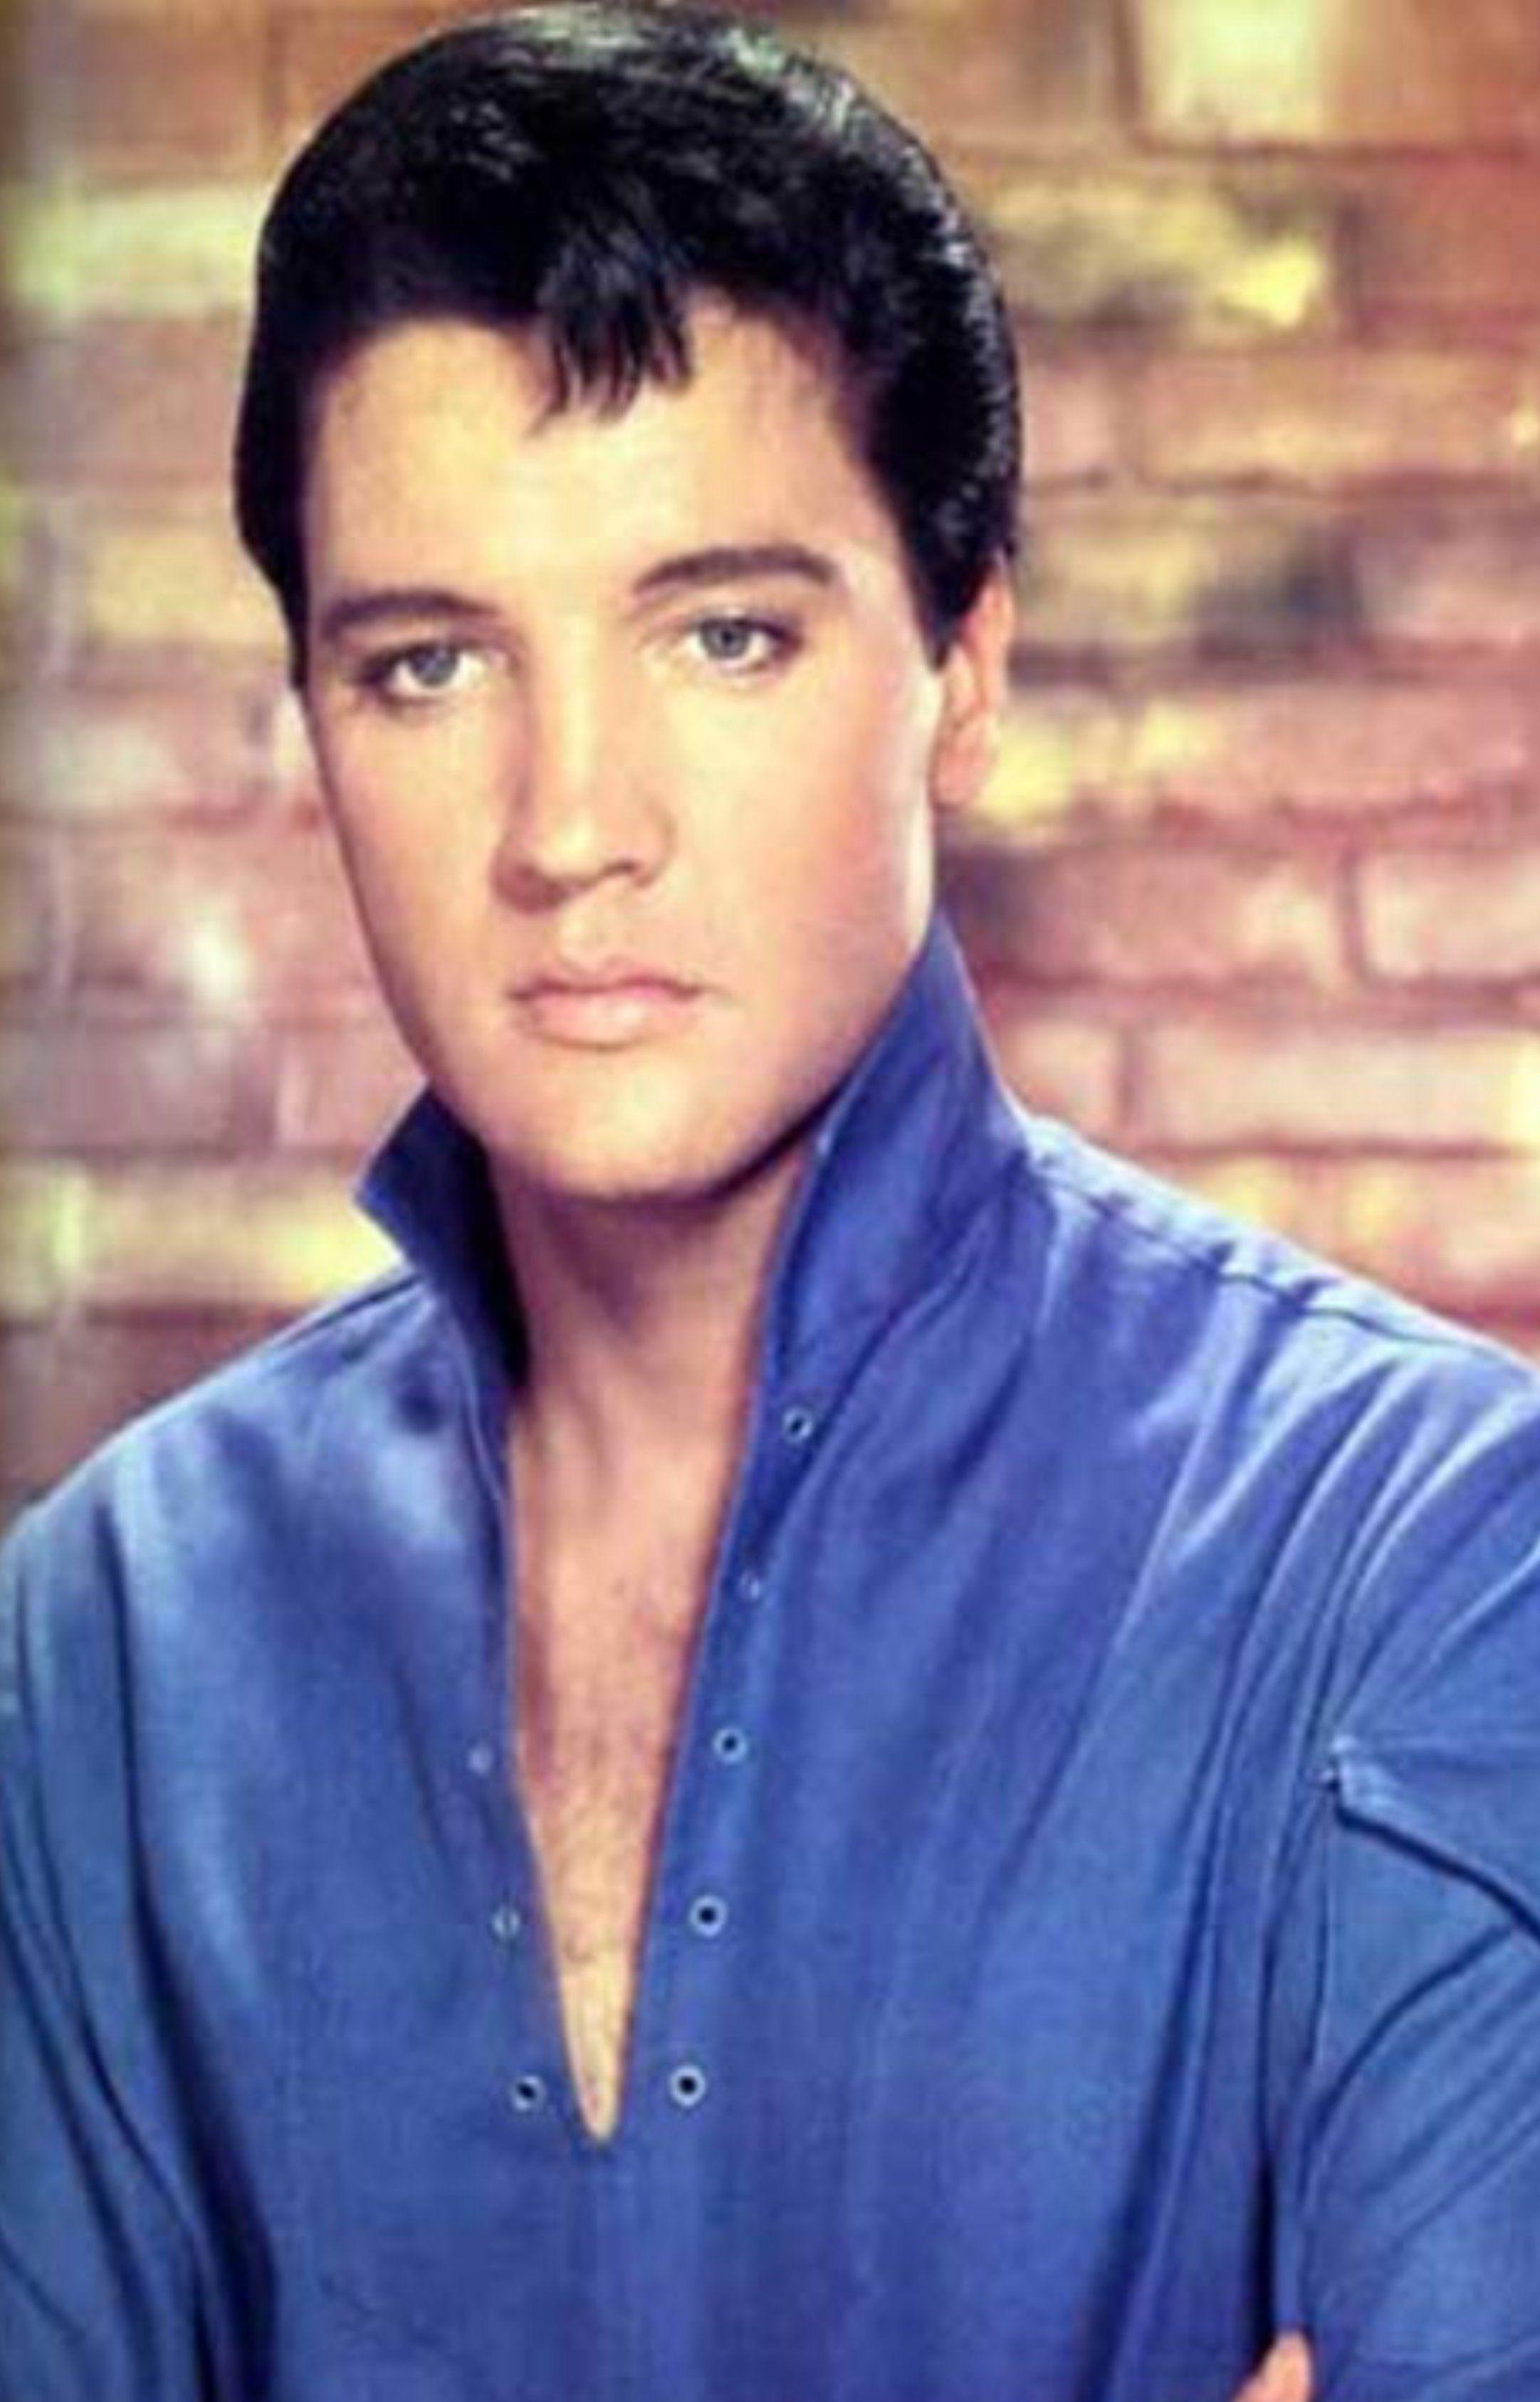 What Makes Elvis Presley A Hero Fbcfecccbebdfa